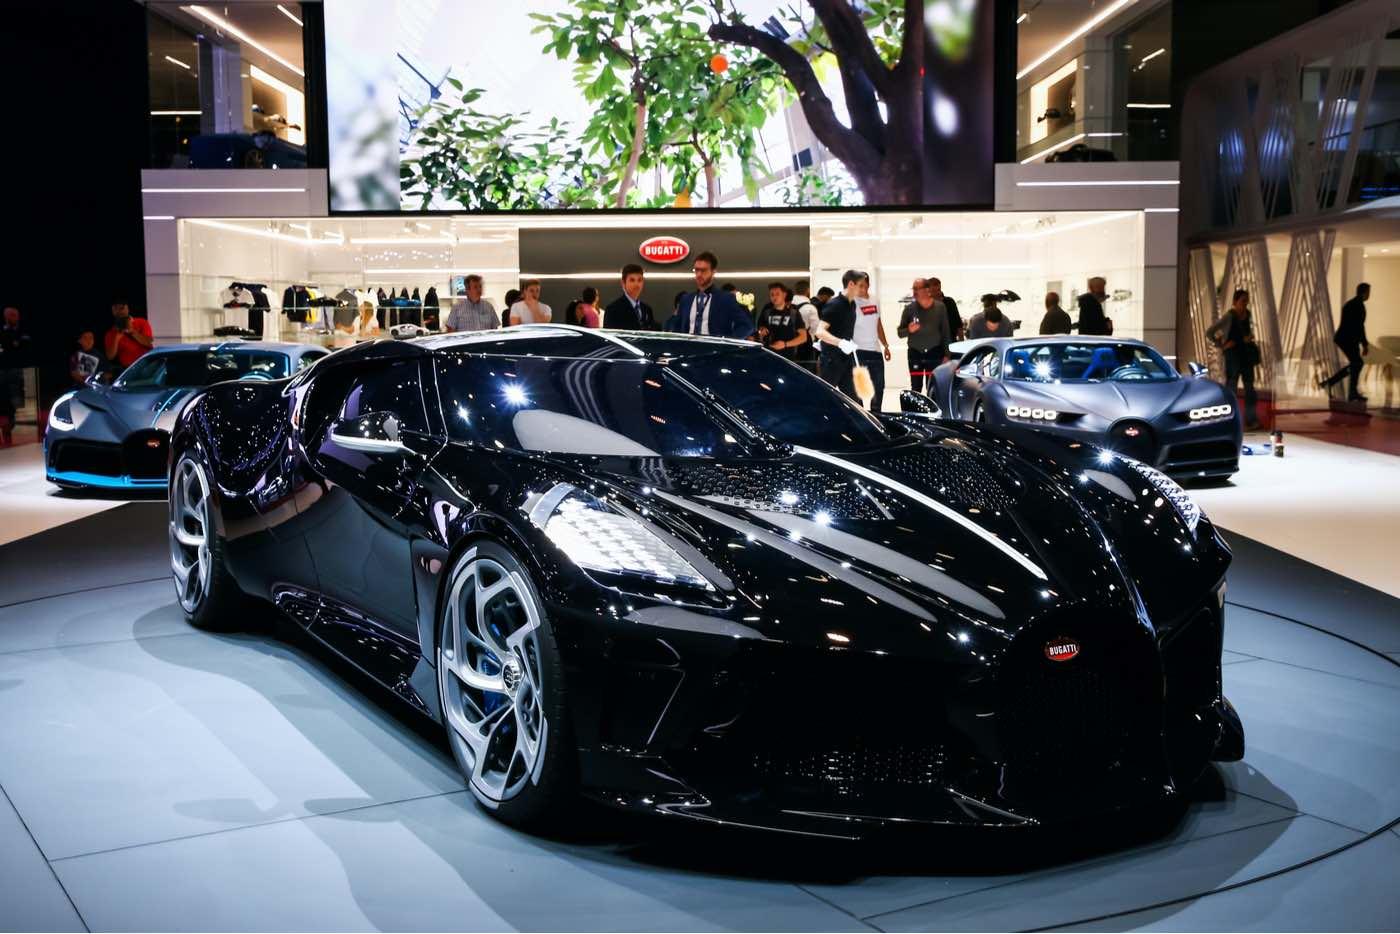 Bugatti La Voiture Noire: el coche más caro del mundo en 2019